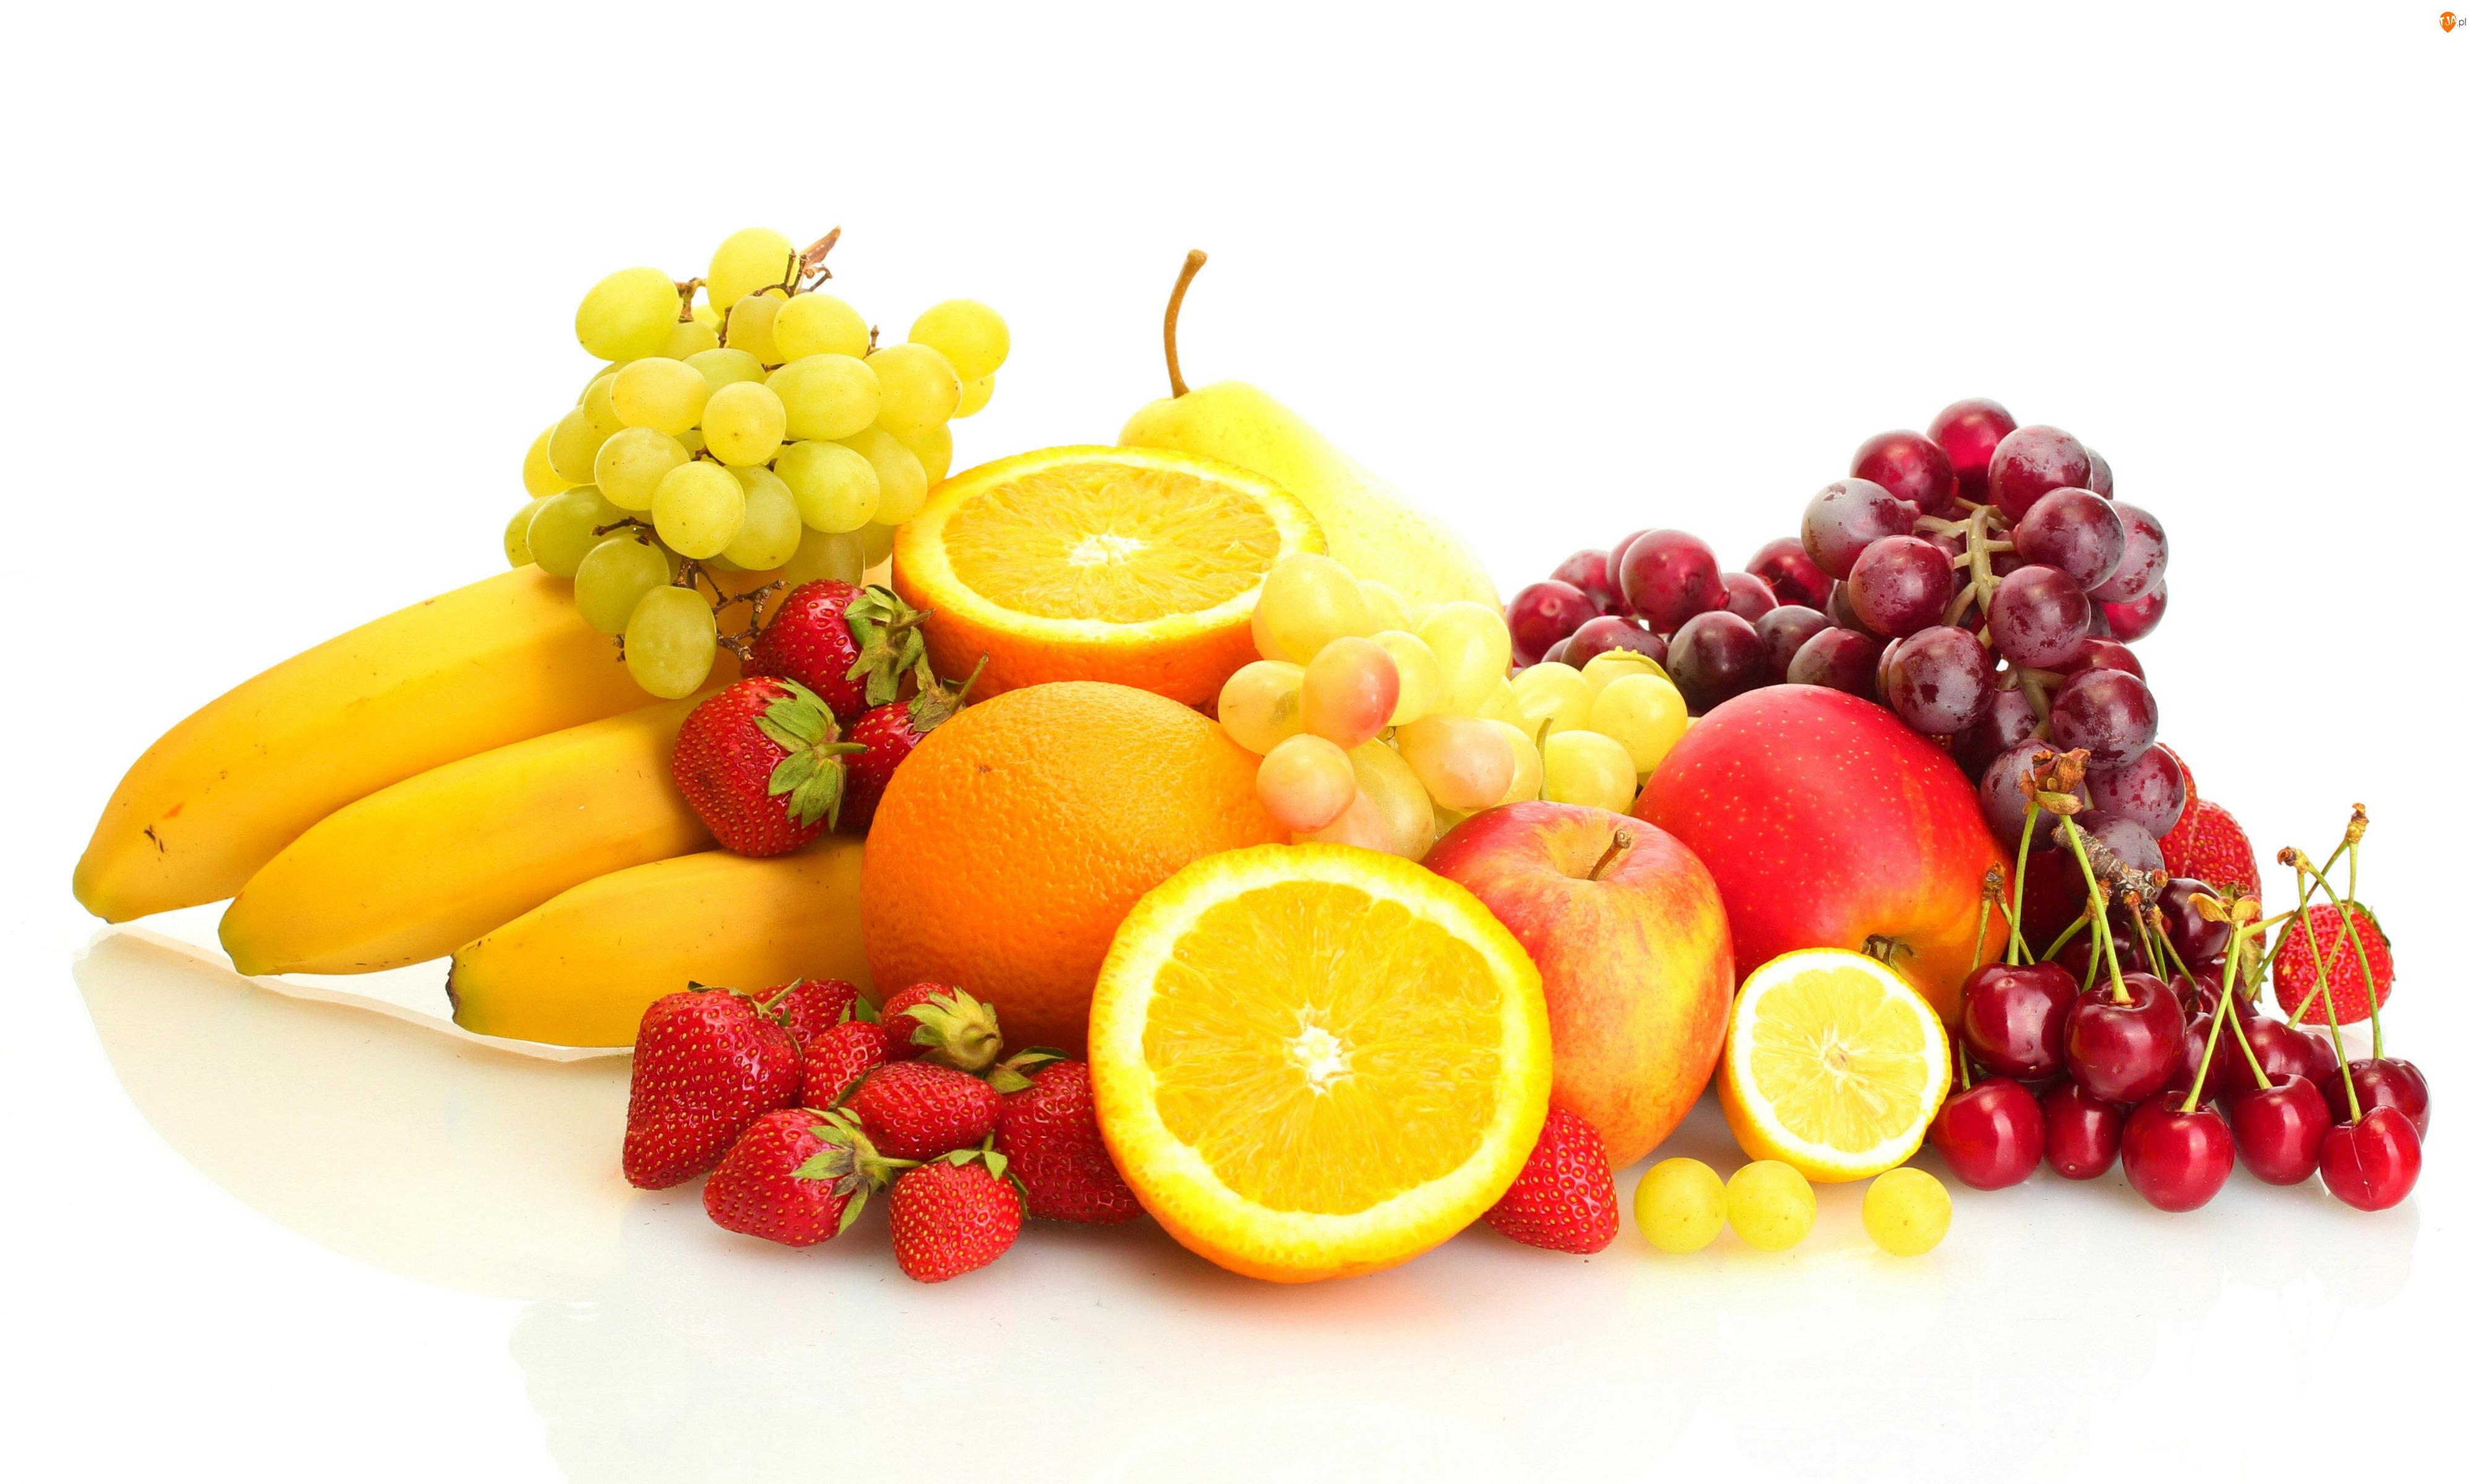 Pomarańcze, Owoce, Winogrona, Banany